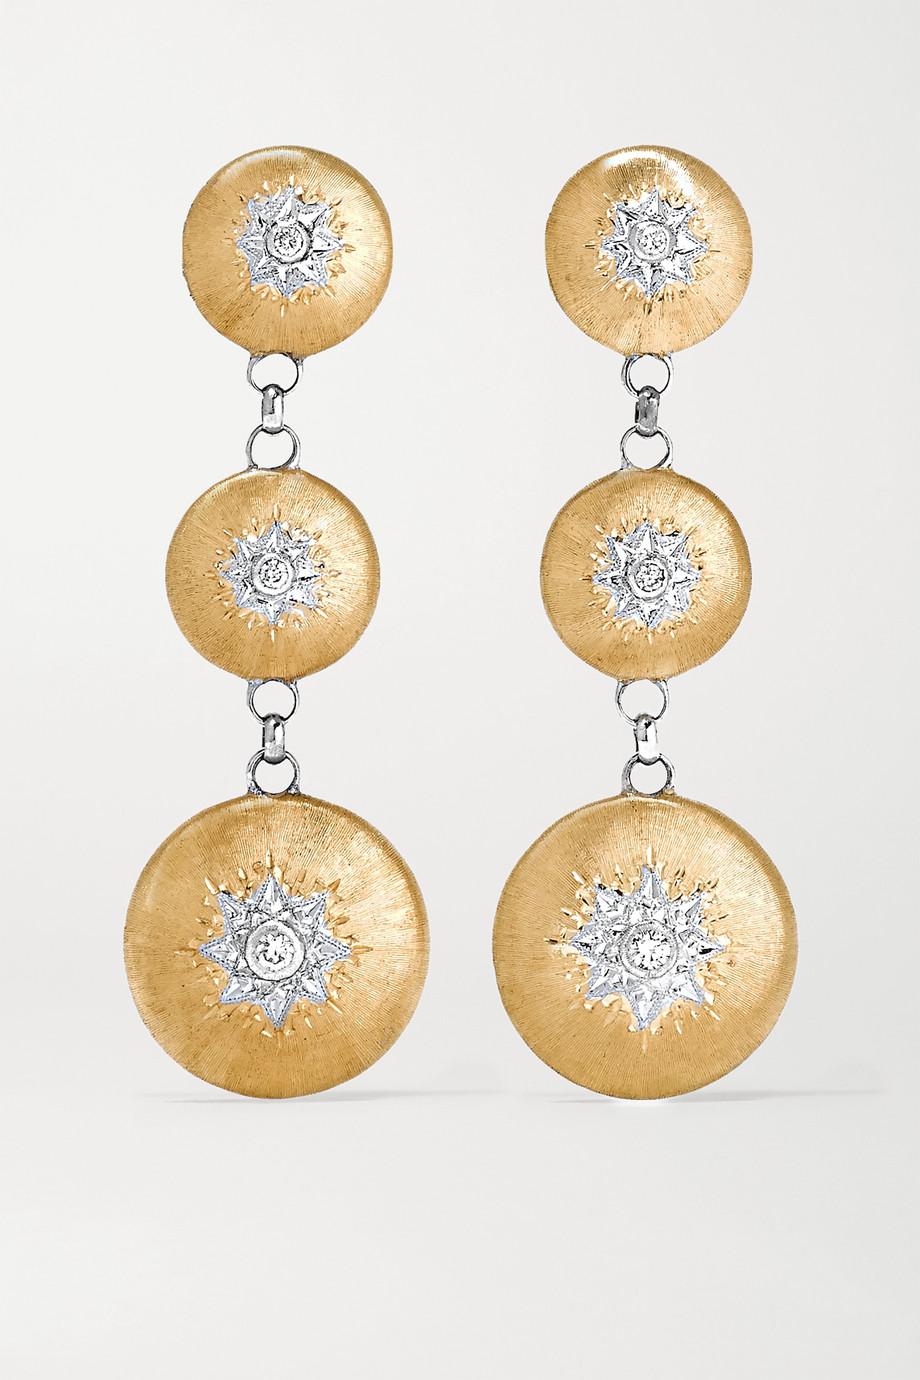 Buccellati Macri 18-karat yellow and white gold diamond earrings